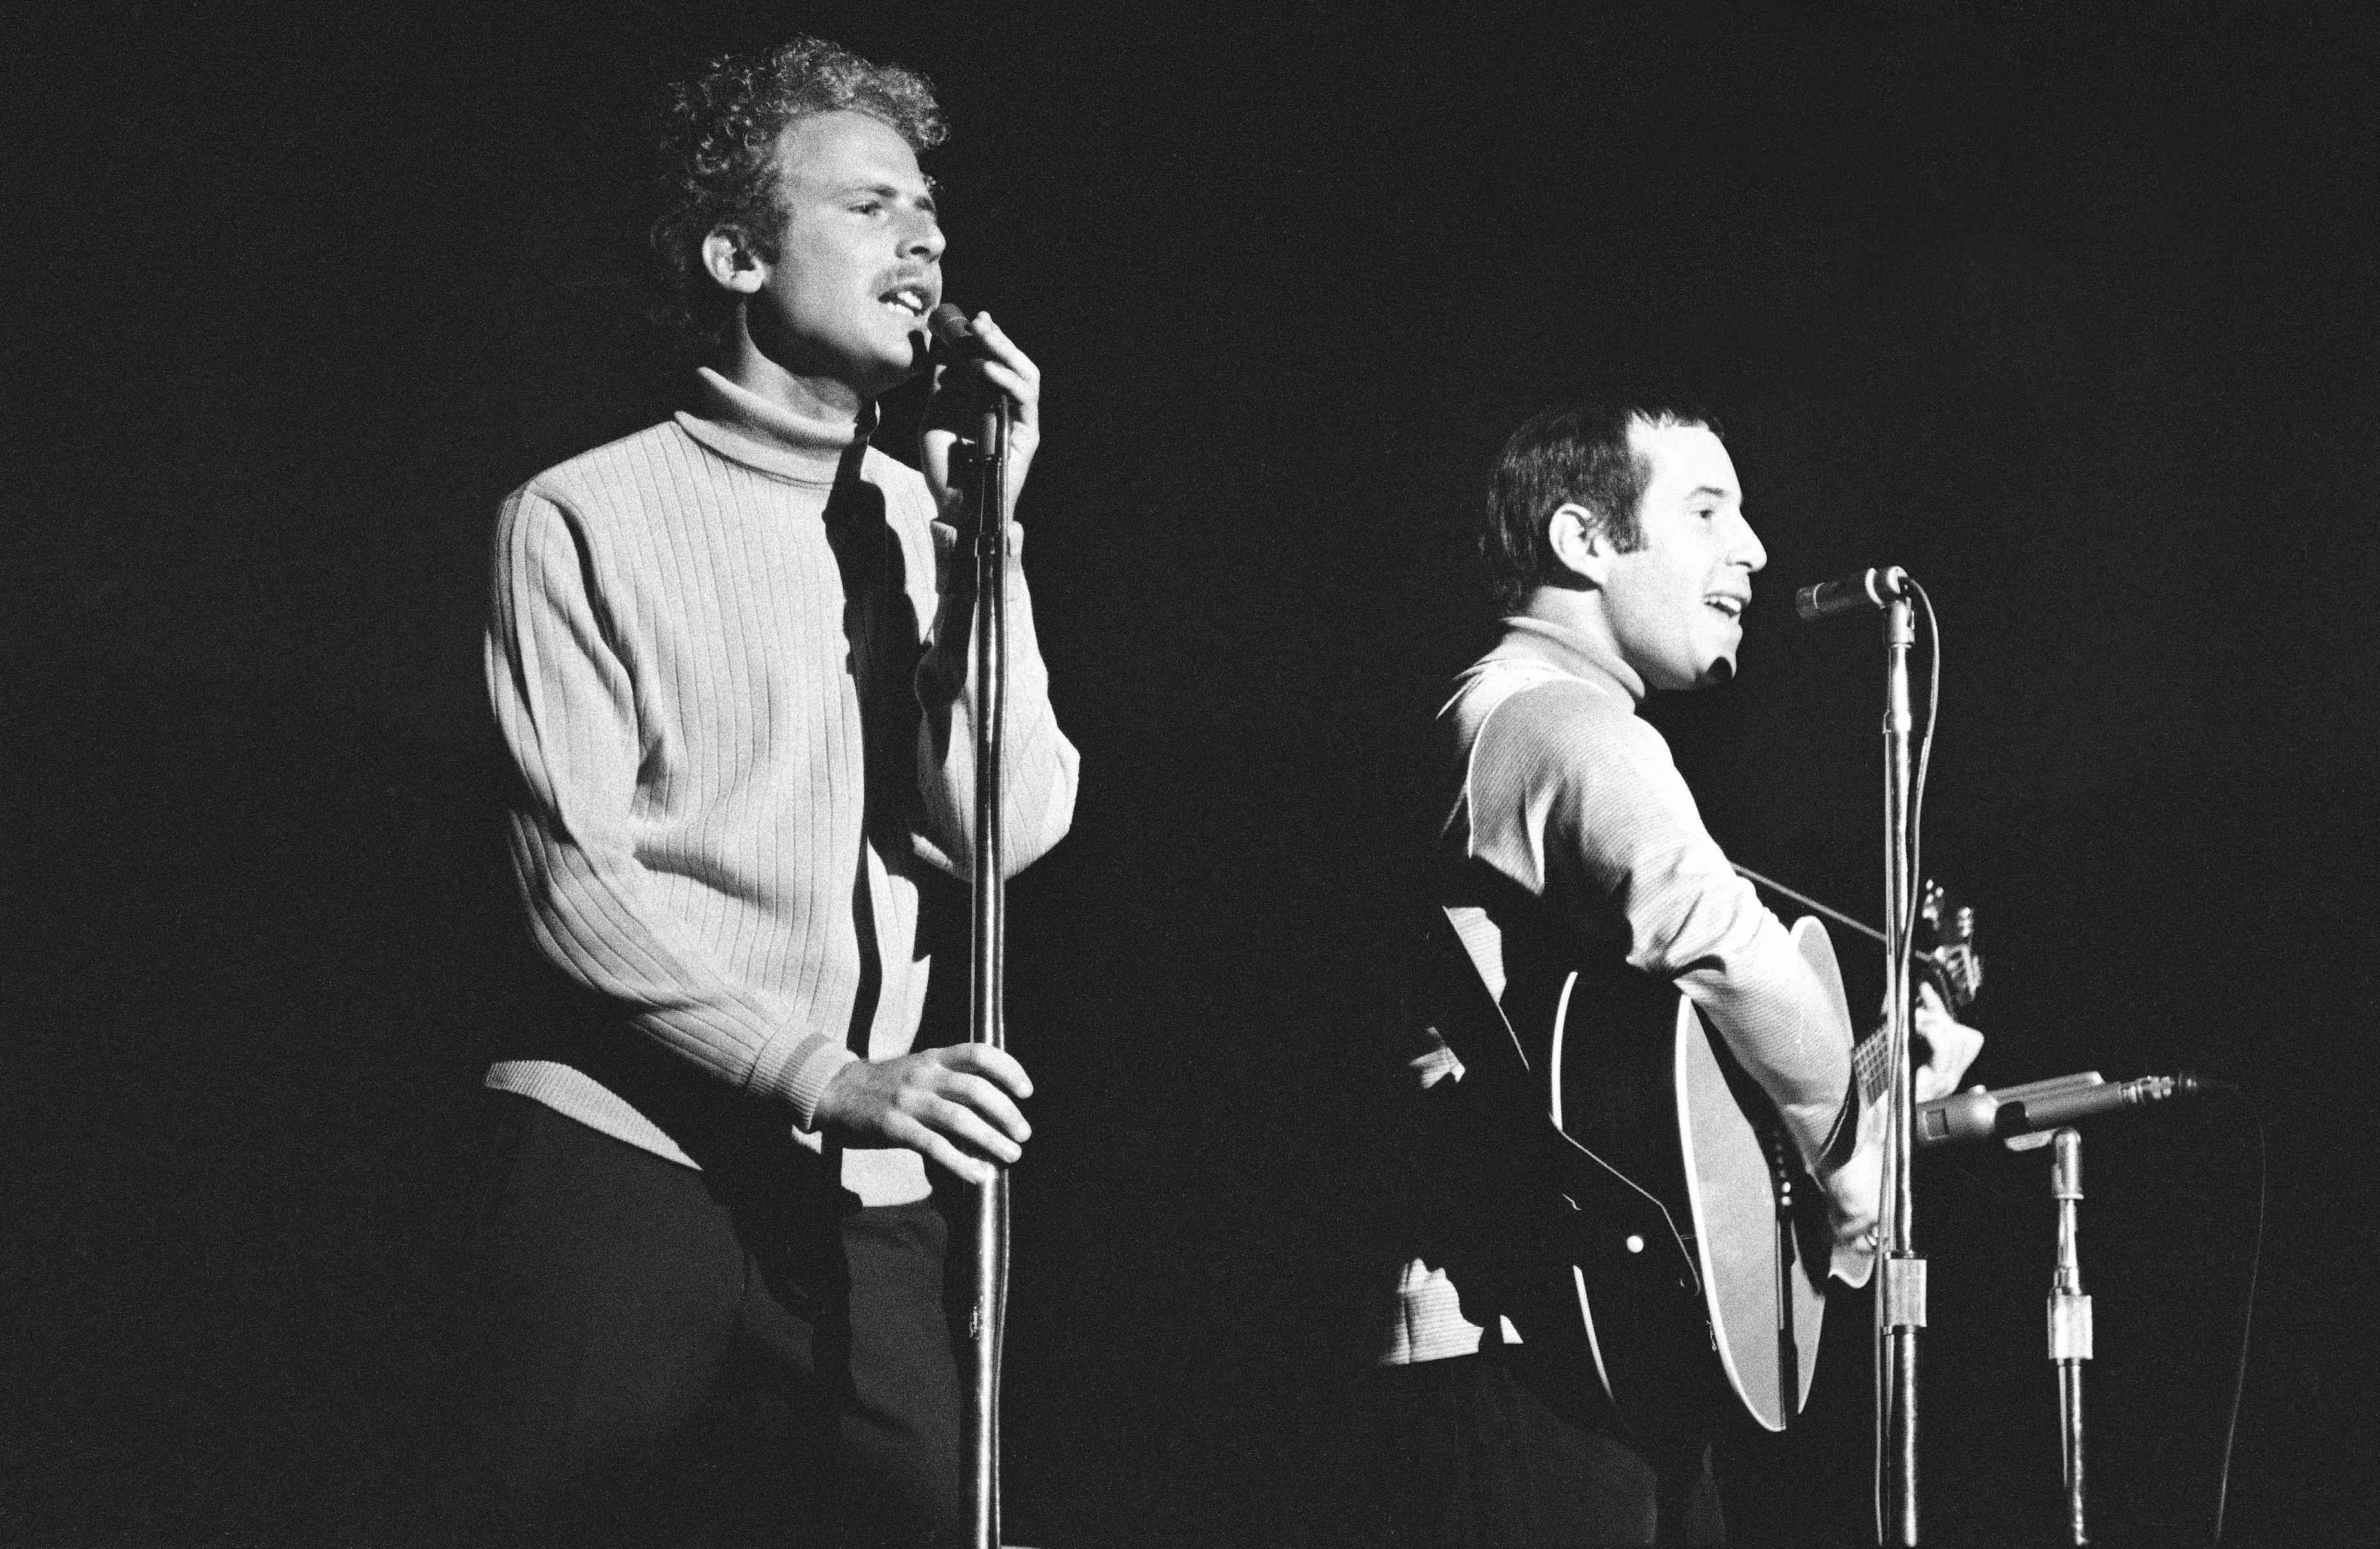 Simon y Garfunkel actúan en el escenario en 1968 en San Francisco